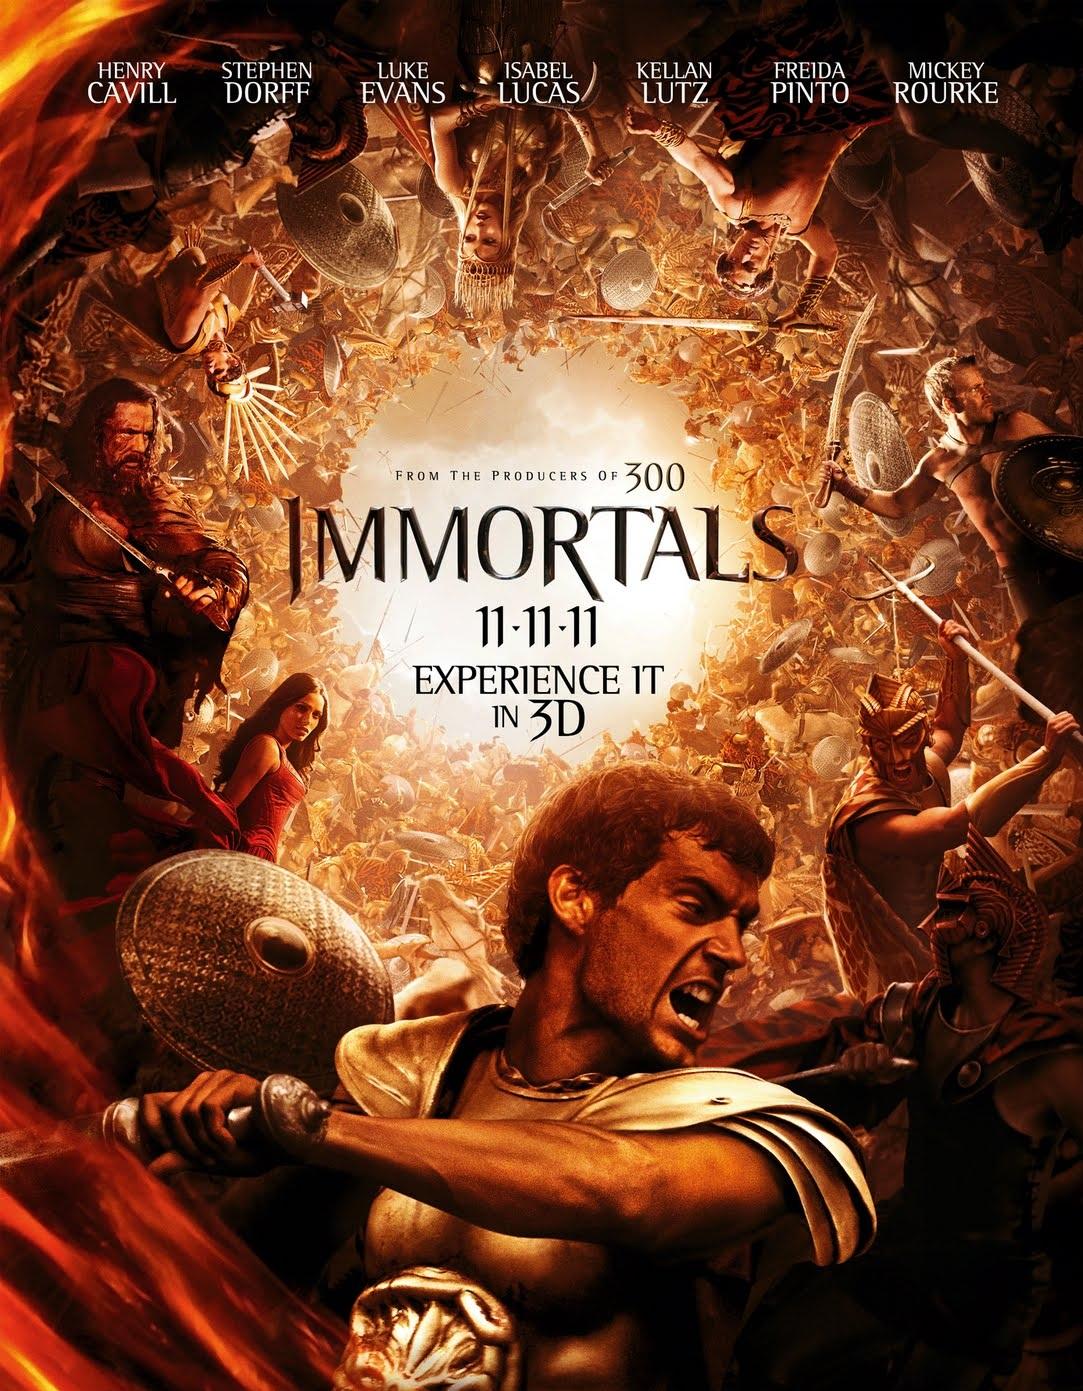 http://4.bp.blogspot.com/-9OnjjEi8jCI/UDhT-f-HfGI/AAAAAAAABTM/5e63Uto0kDM/s1600/immortals2.jpg